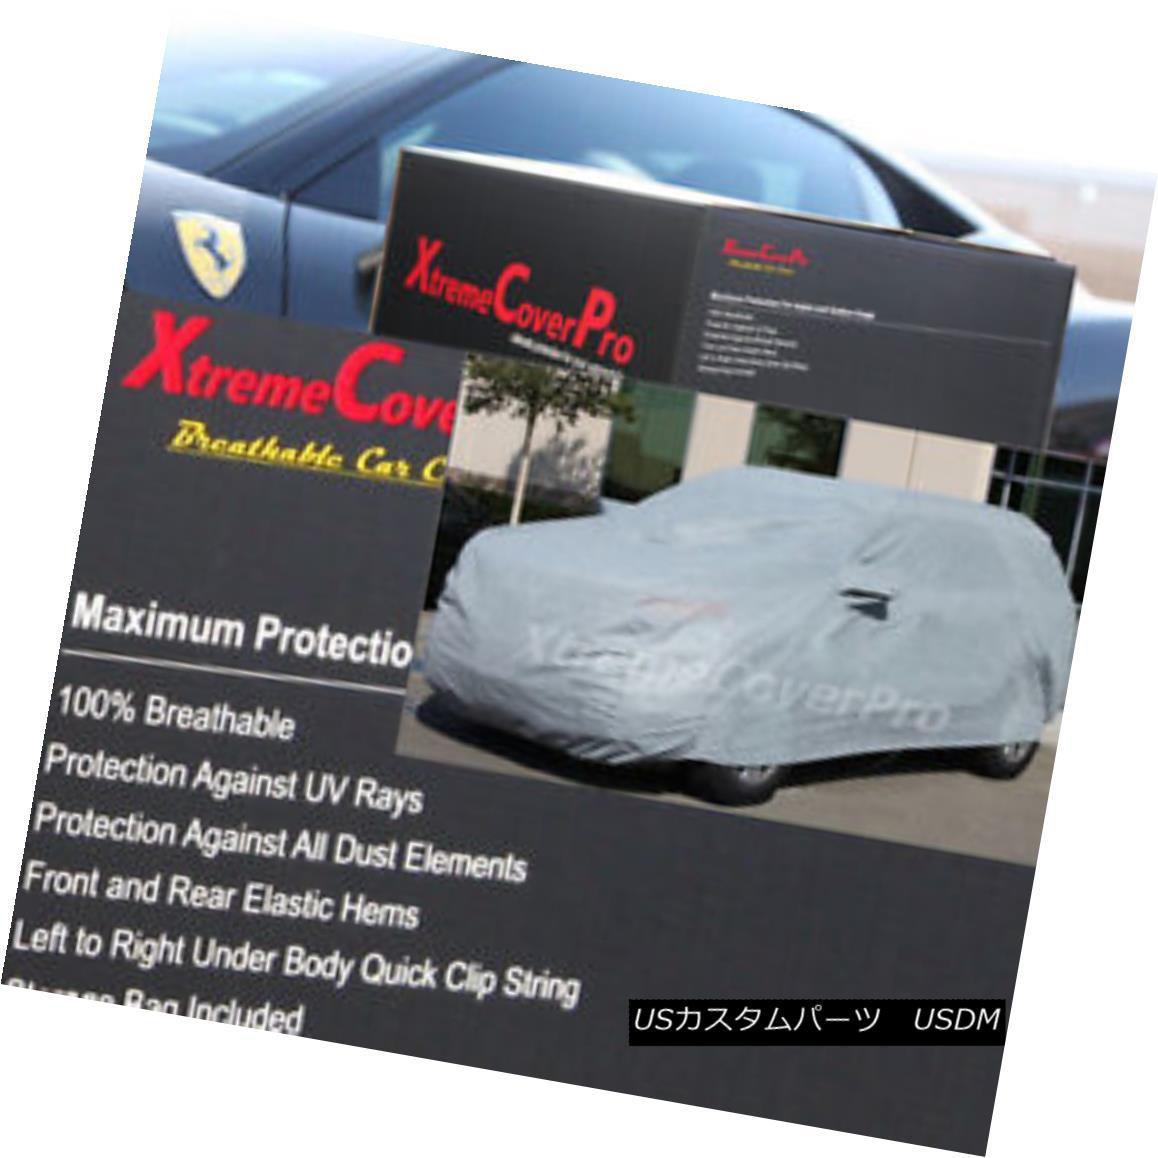 カーカバー 2015 TOYOTA RAV4 RAV4 EV Breathable Car Cover w/Mirror Pockets - Gray 2015 TOYOTA RAV4 RAV4 EV通気性車カバー、ミラーポケット付き - グレー